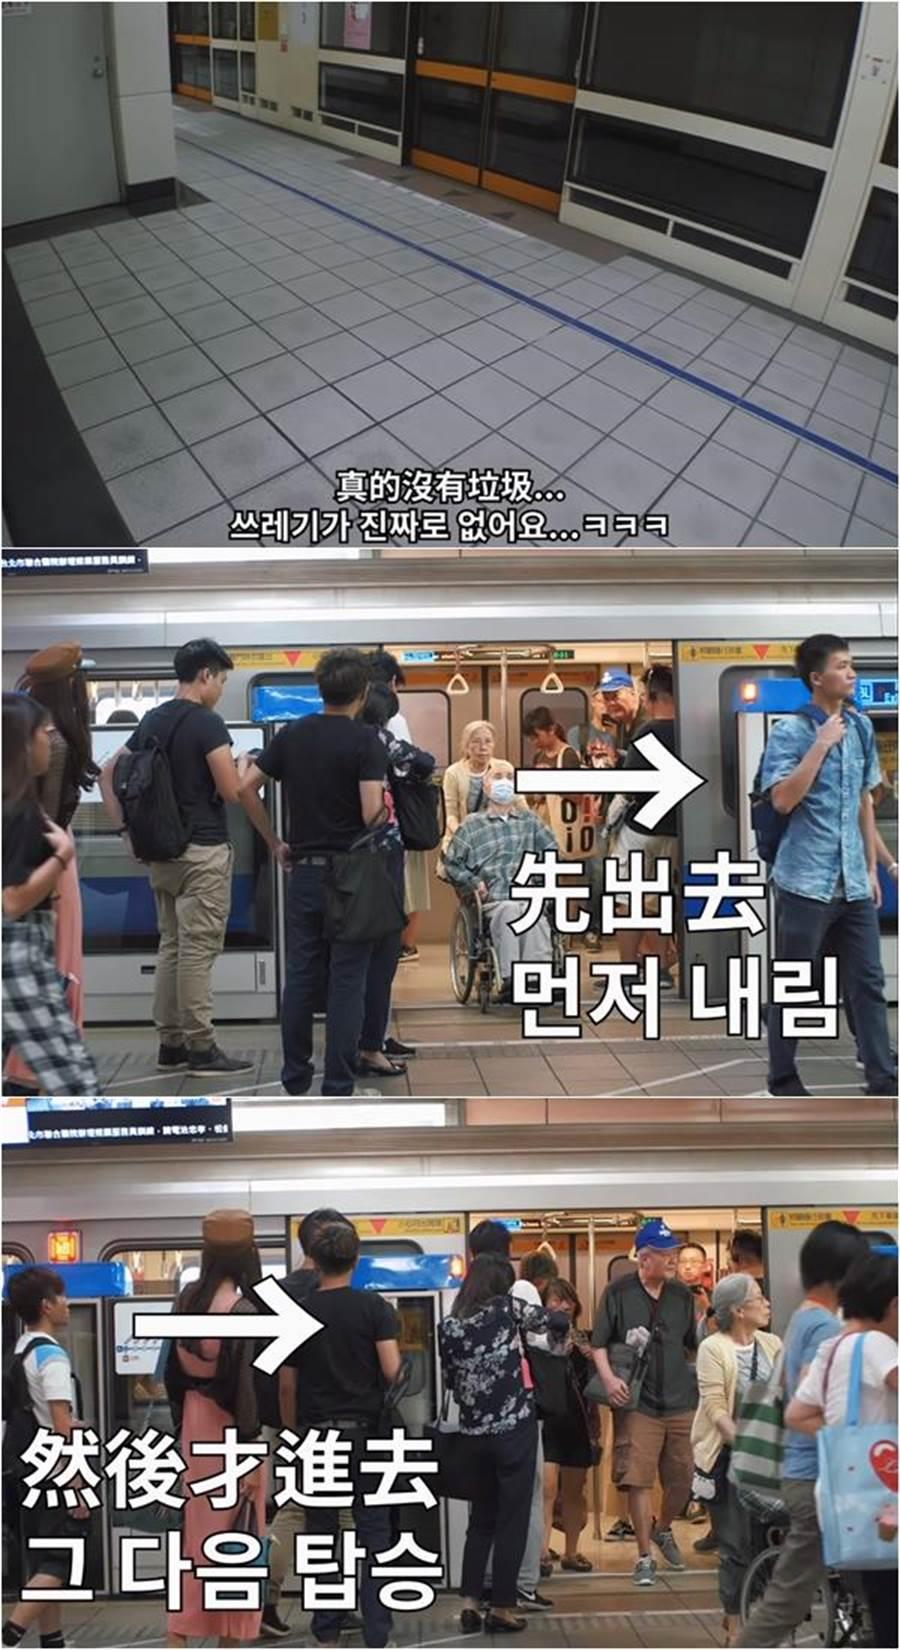 上圖:京欽相當震驚於看到北捷的乾淨程度。中、下圖:看到大家都在排隊,「會等車裡面的人先出去,然後才接著進去車廂內」,這一點讓京欽不斷驚呼「真的很厲害」。(圖/翻攝自京欽 KyeongHeum 경흠 YouTube)